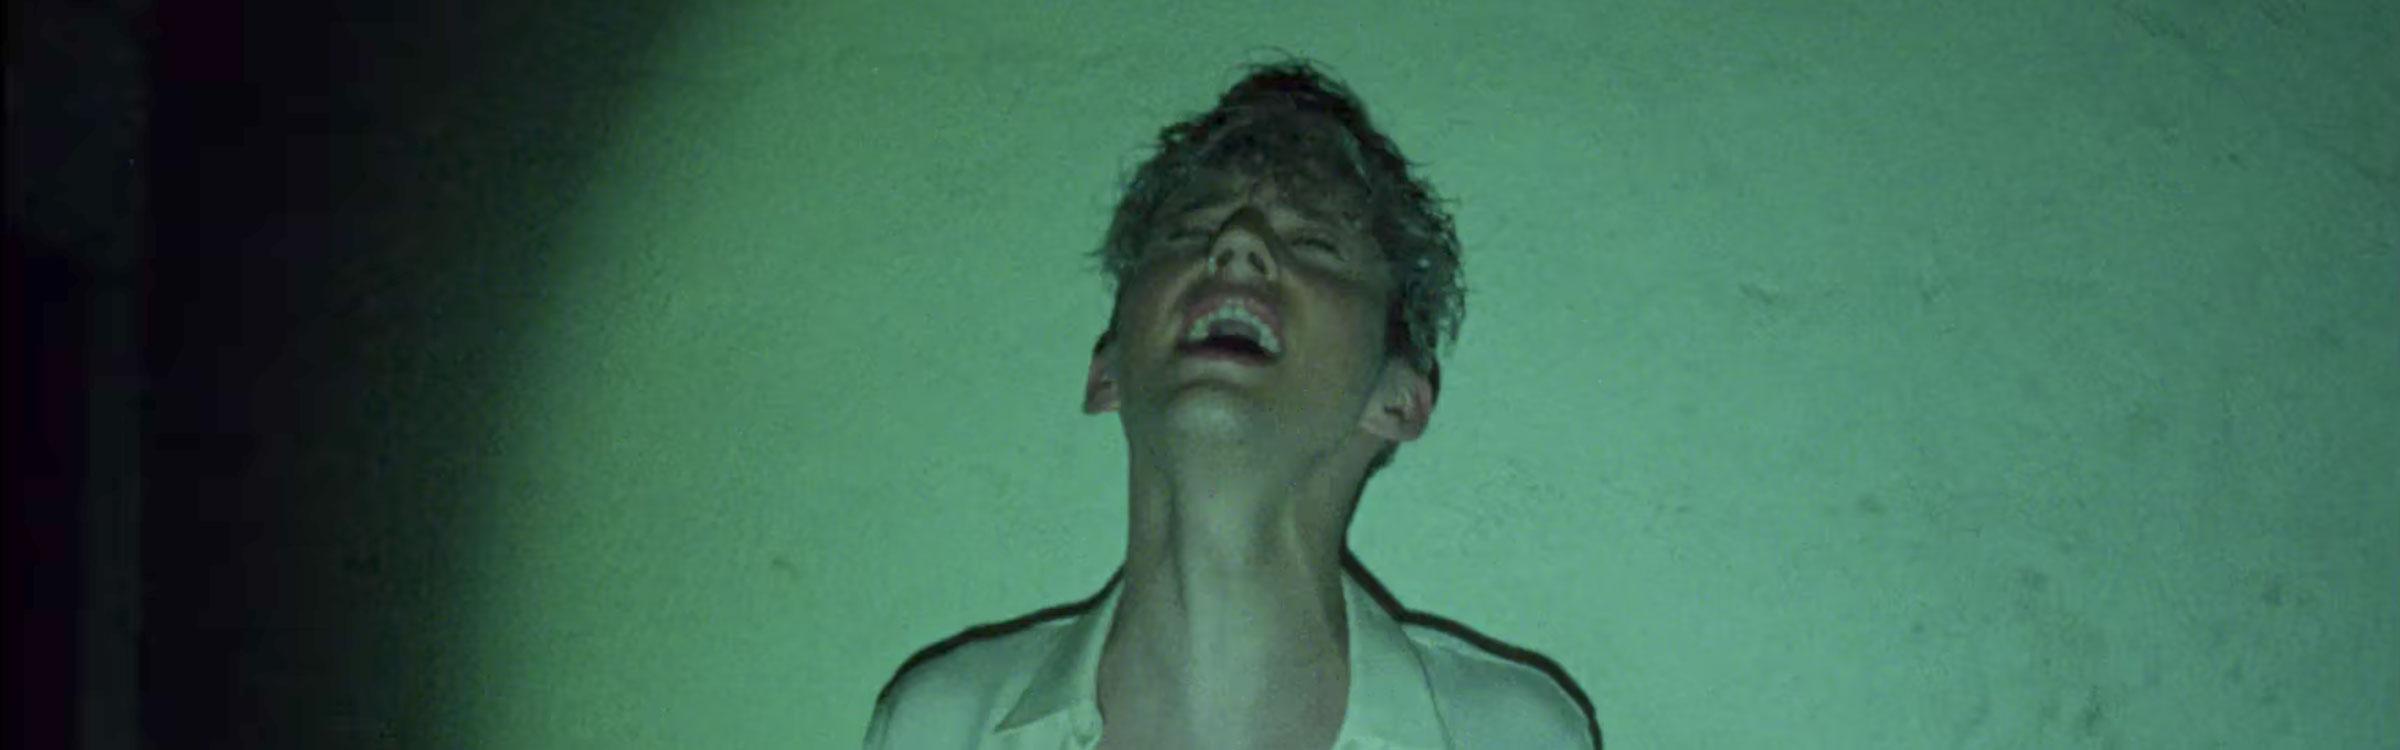 Troye header